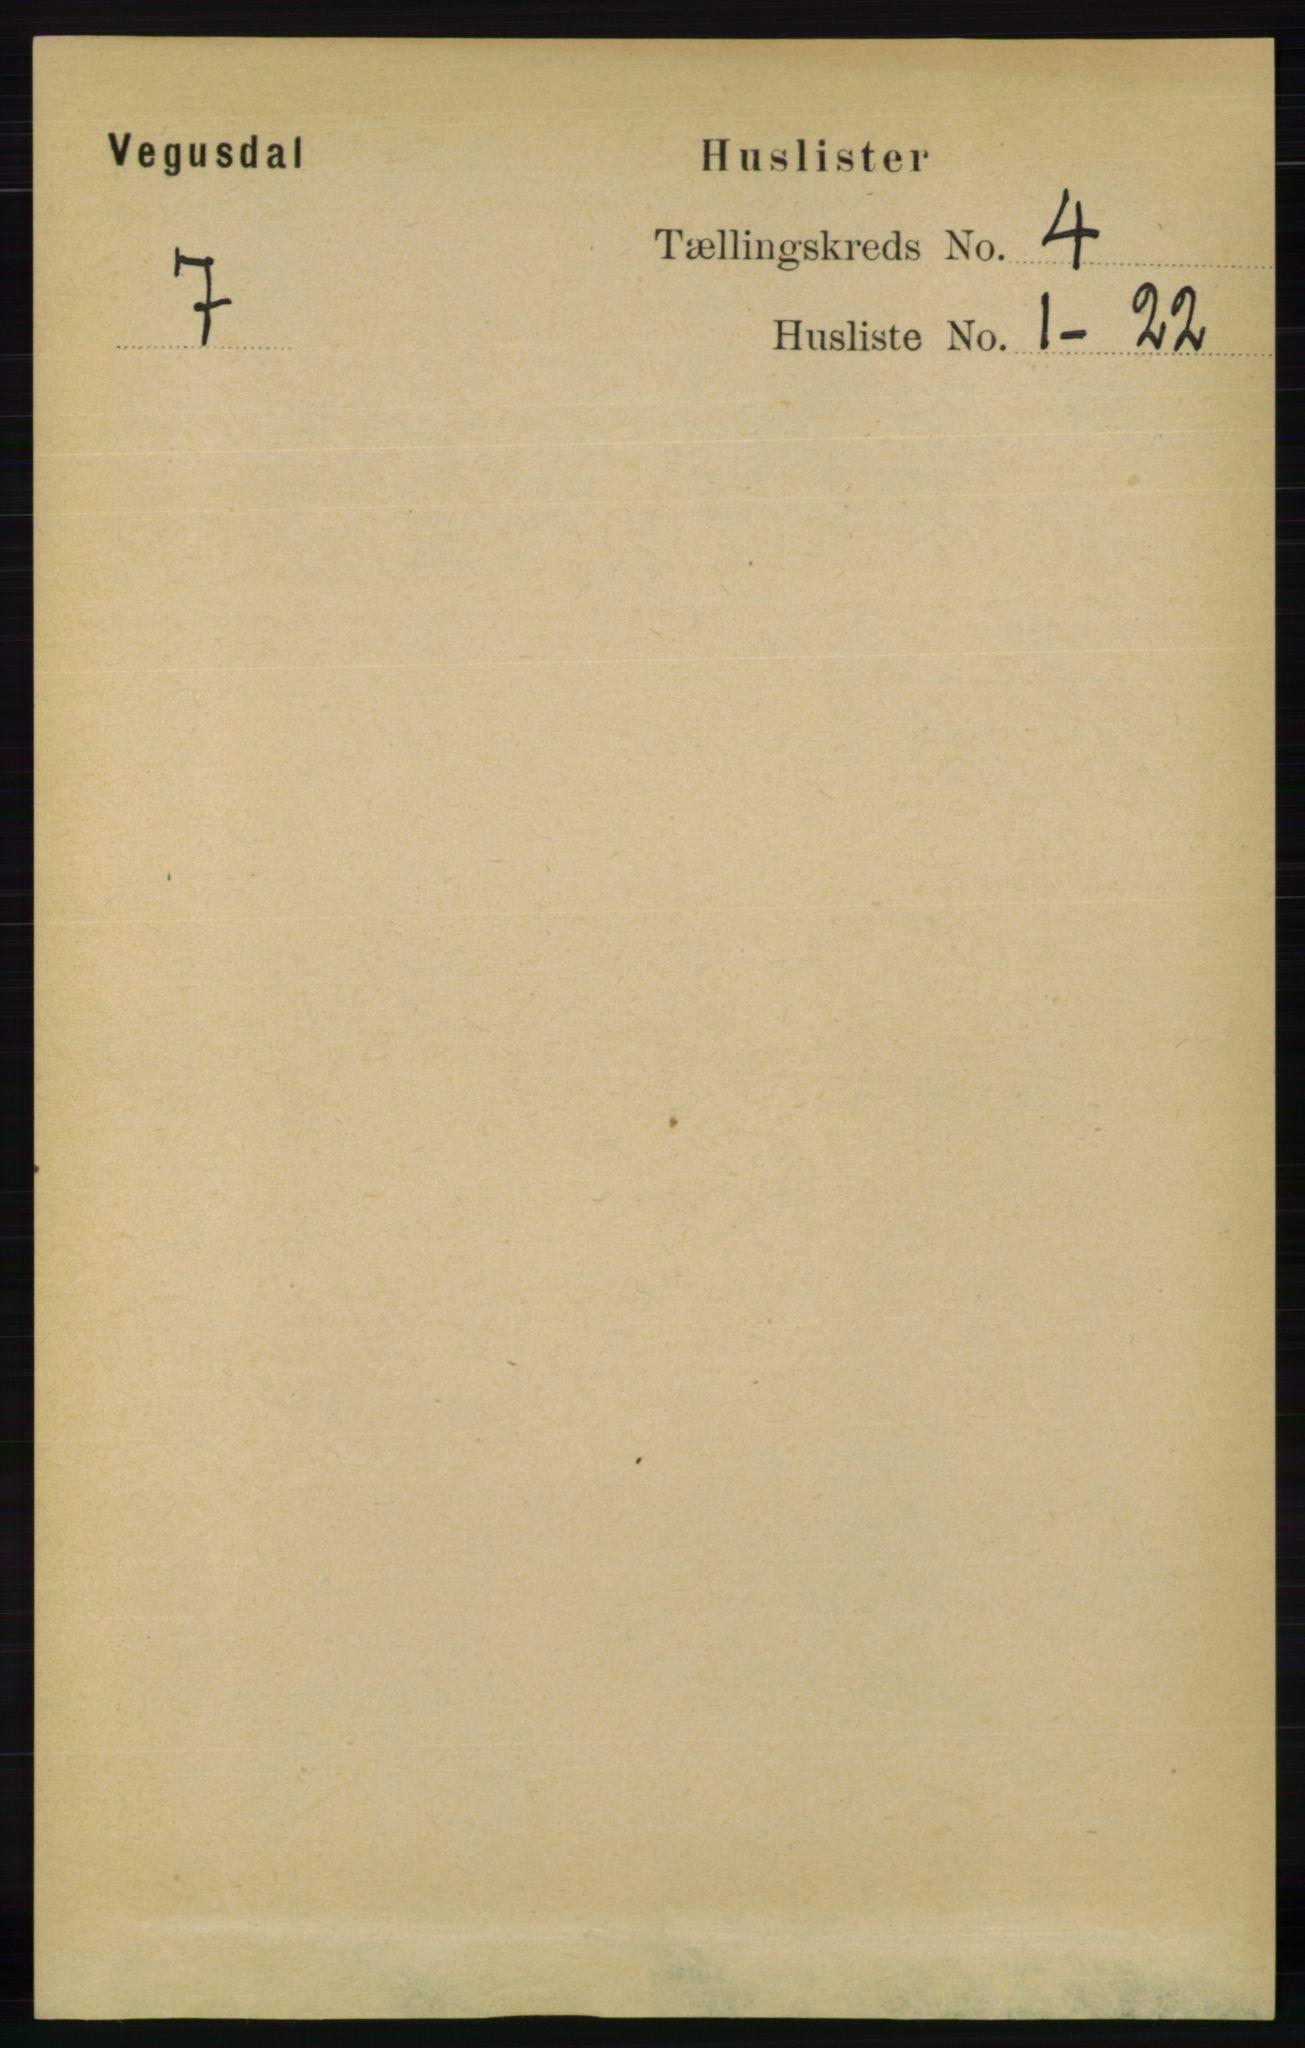 RA, Folketelling 1891 for 0934 Vegusdal herred, 1891, s. 686